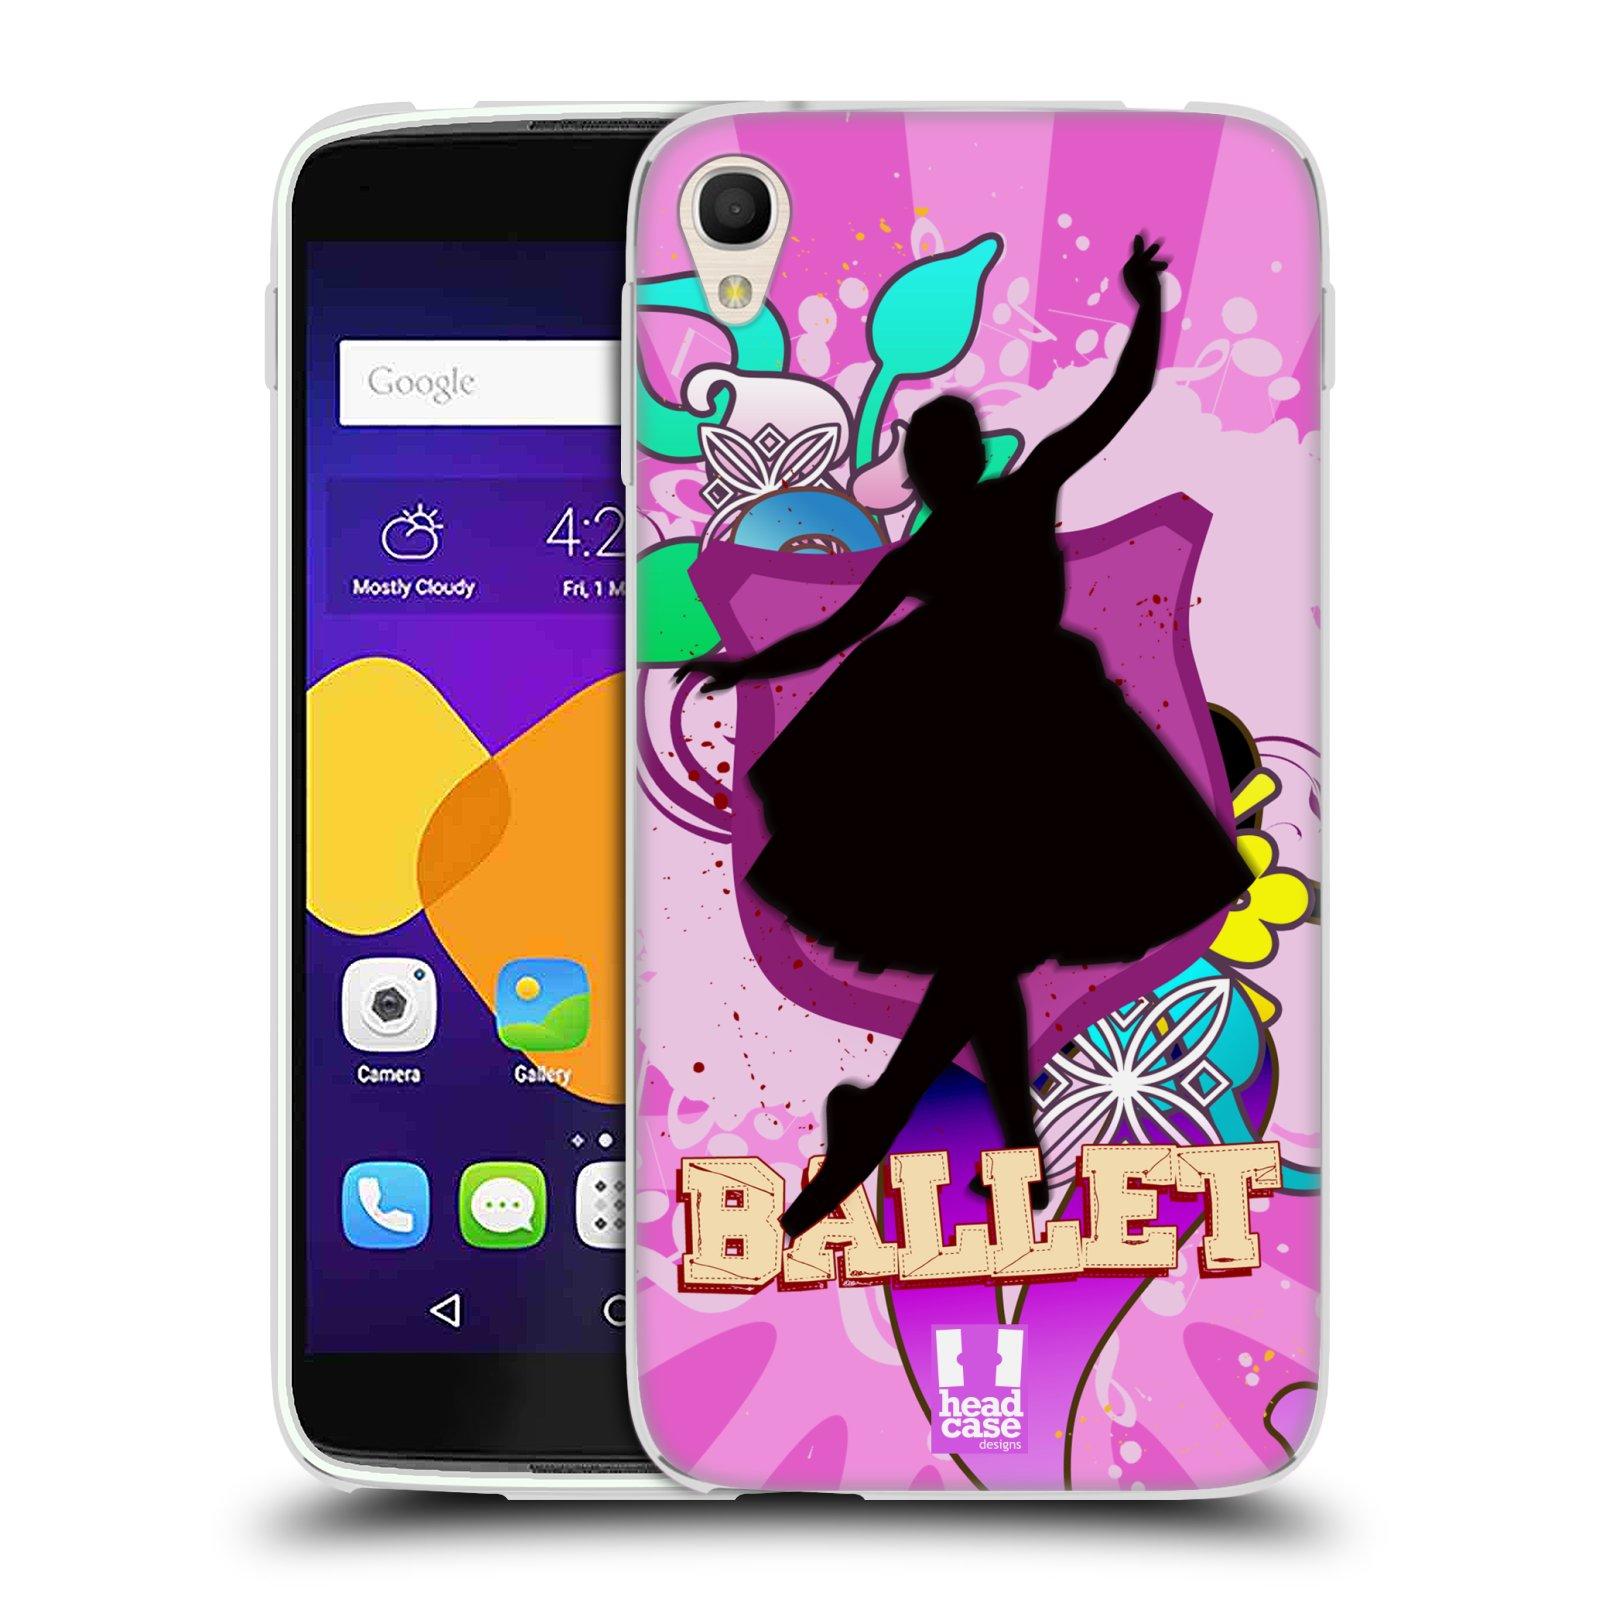 HEAD CASE silikonový obal na mobil Alcatel Idol 3 OT-6045Y (5.5) vzor TANEC SILUETA BALET FIALOVÁ